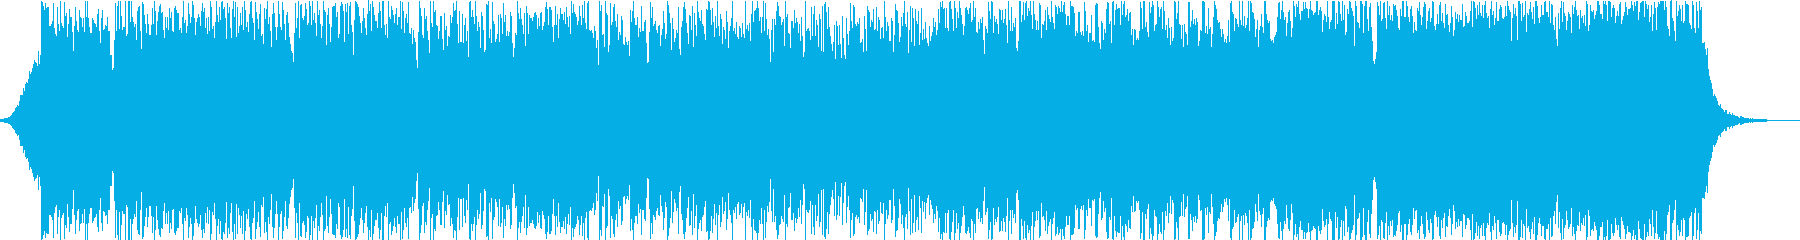 ダークファンタジーオーケストラ戦闘曲50の再生済みの波形